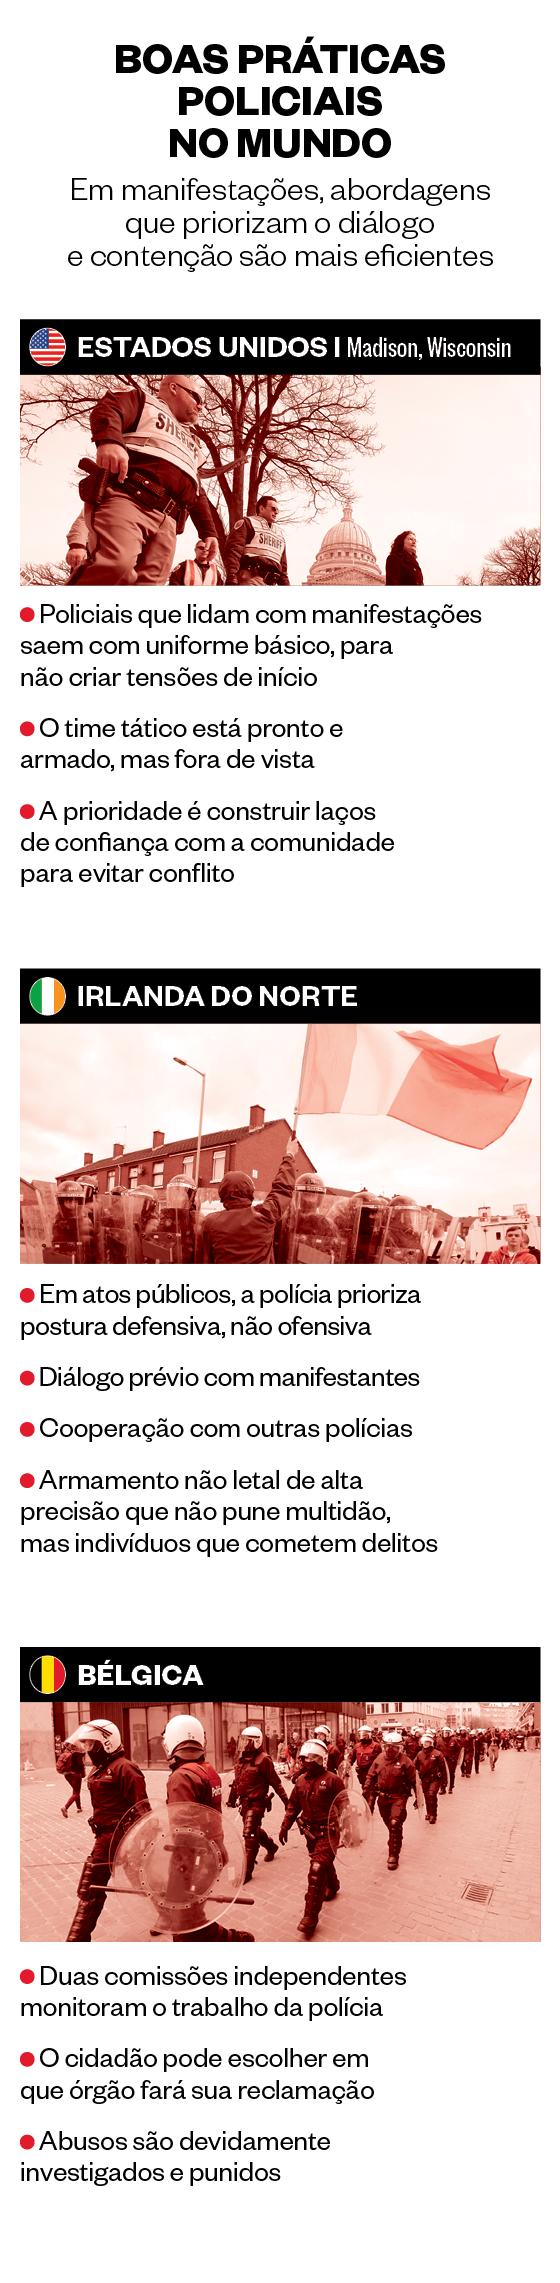 BOAS PRÁTICAS POLICIAIS NO MUNDO (Foto: ÉPOCA)